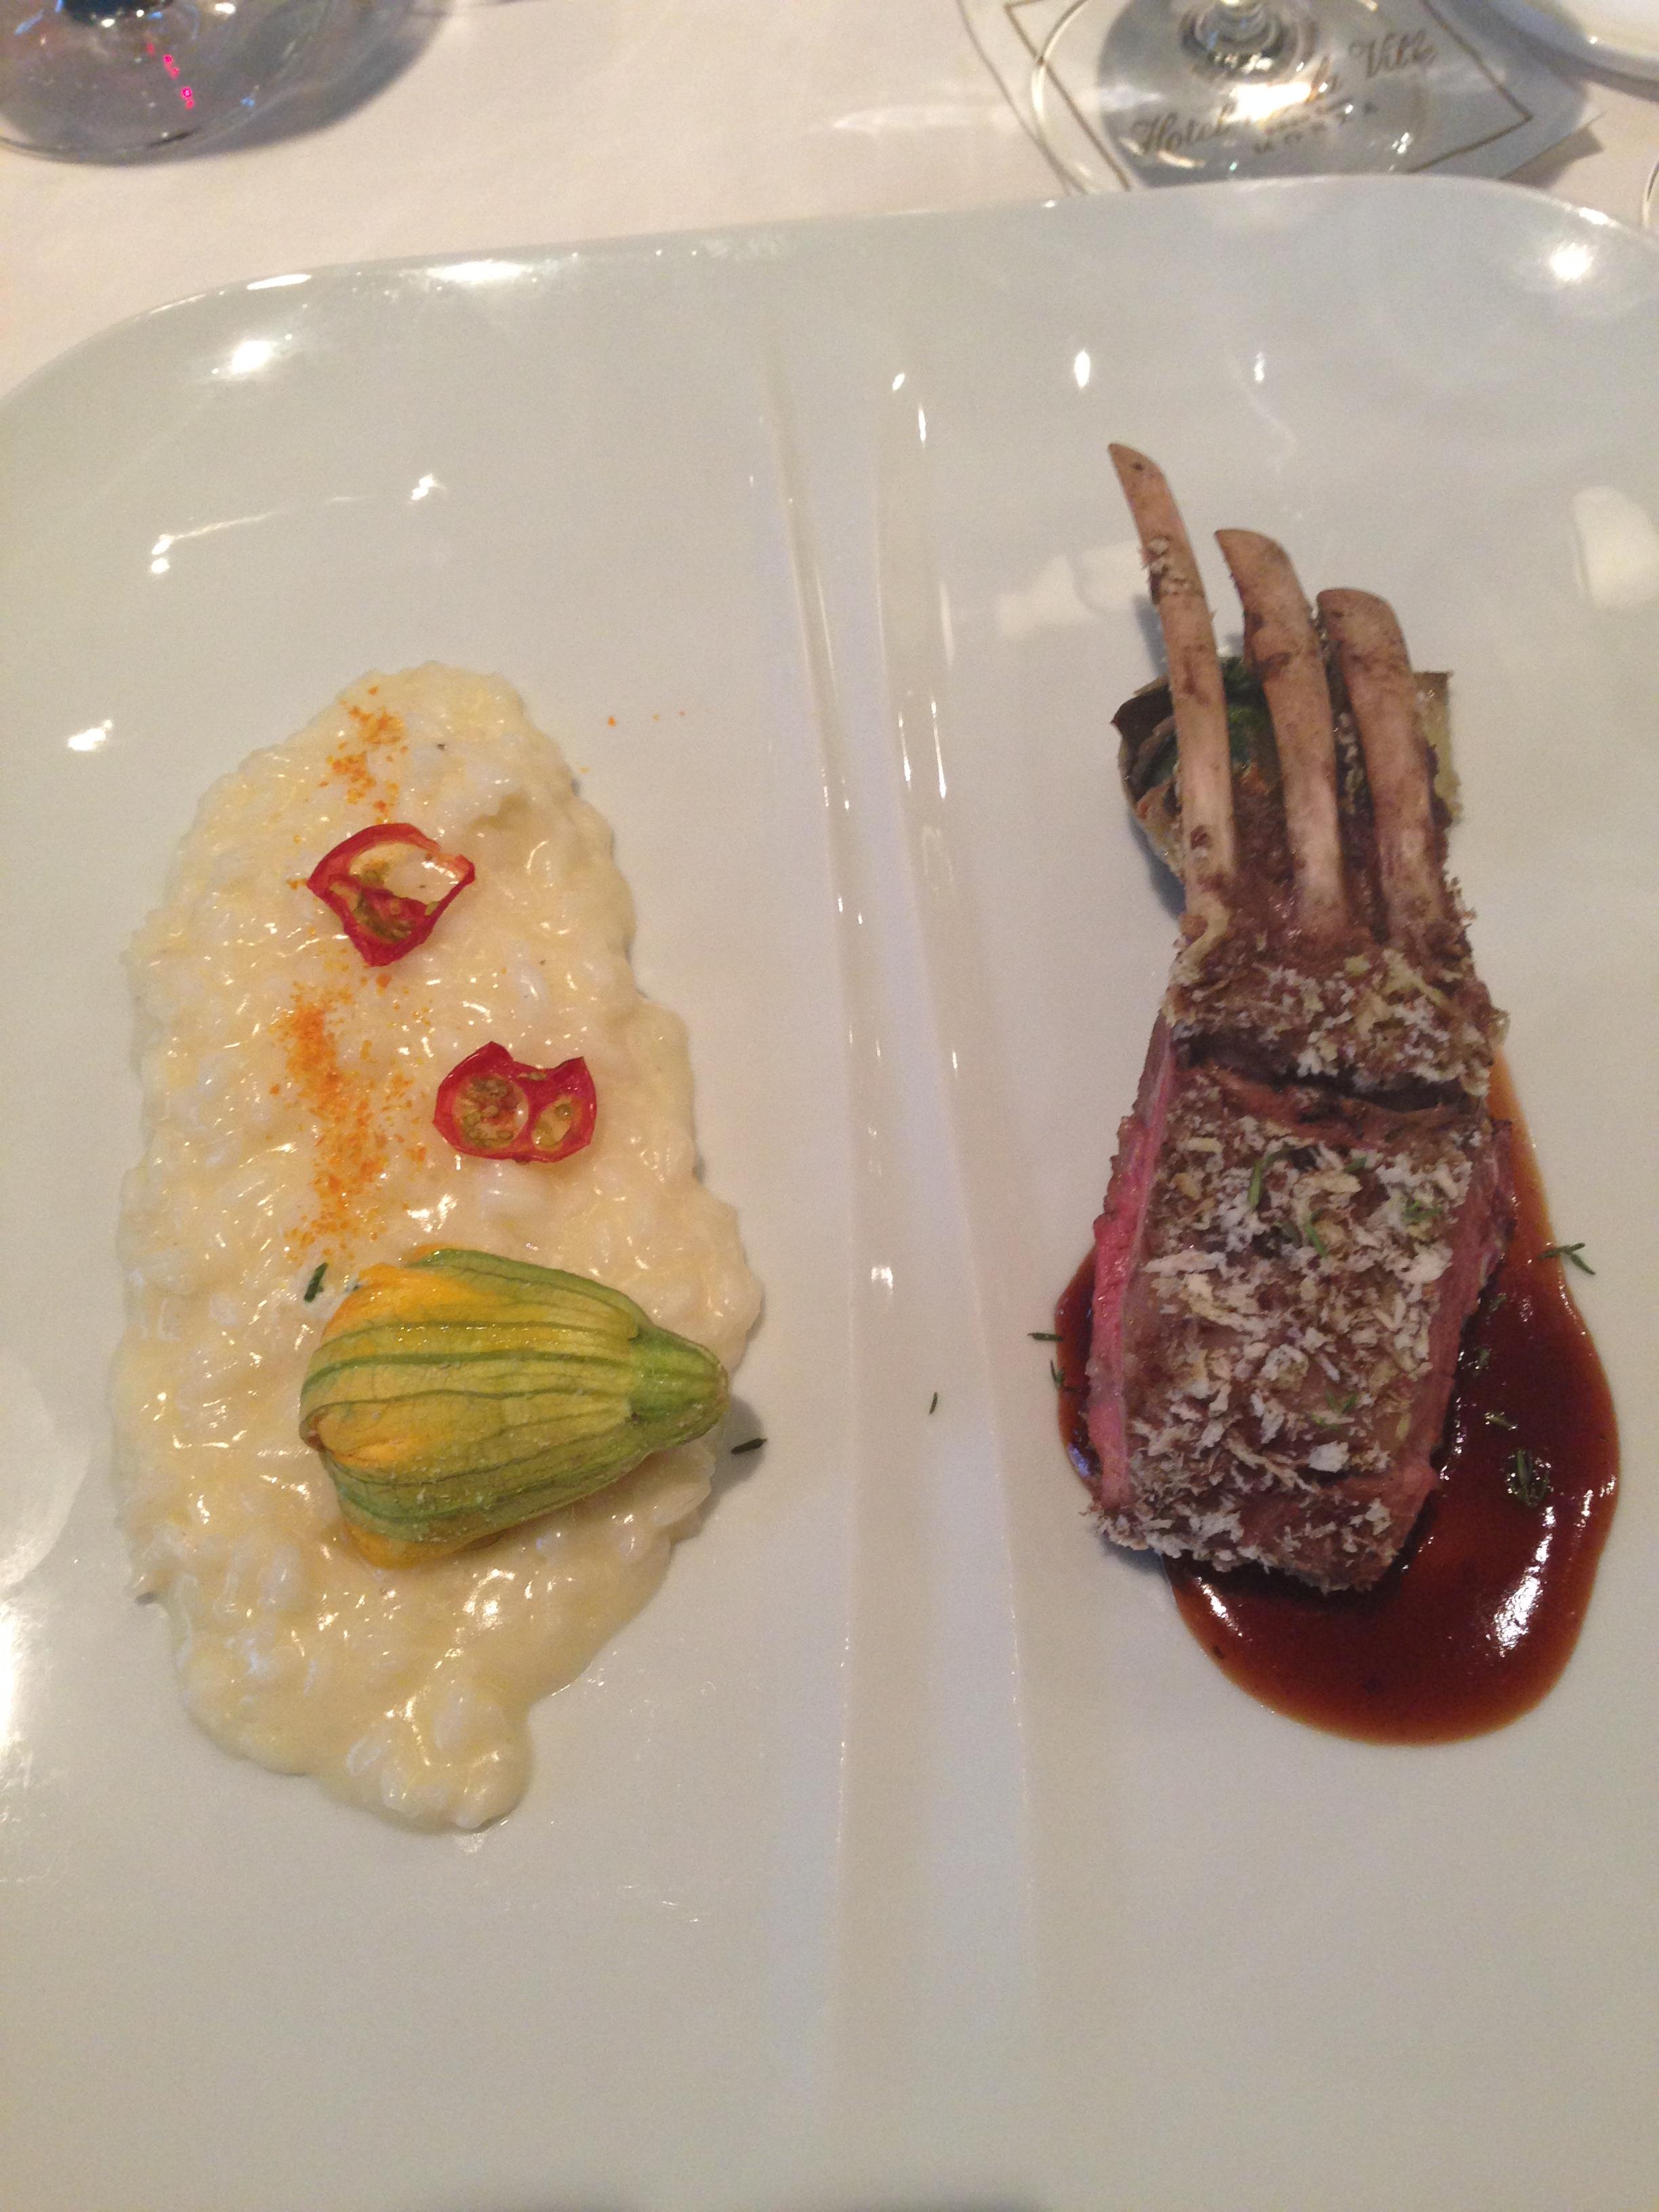 img_3300 Pausa pranzo al ristorante Deby Grill presso l'Hote de la Ville a Monza